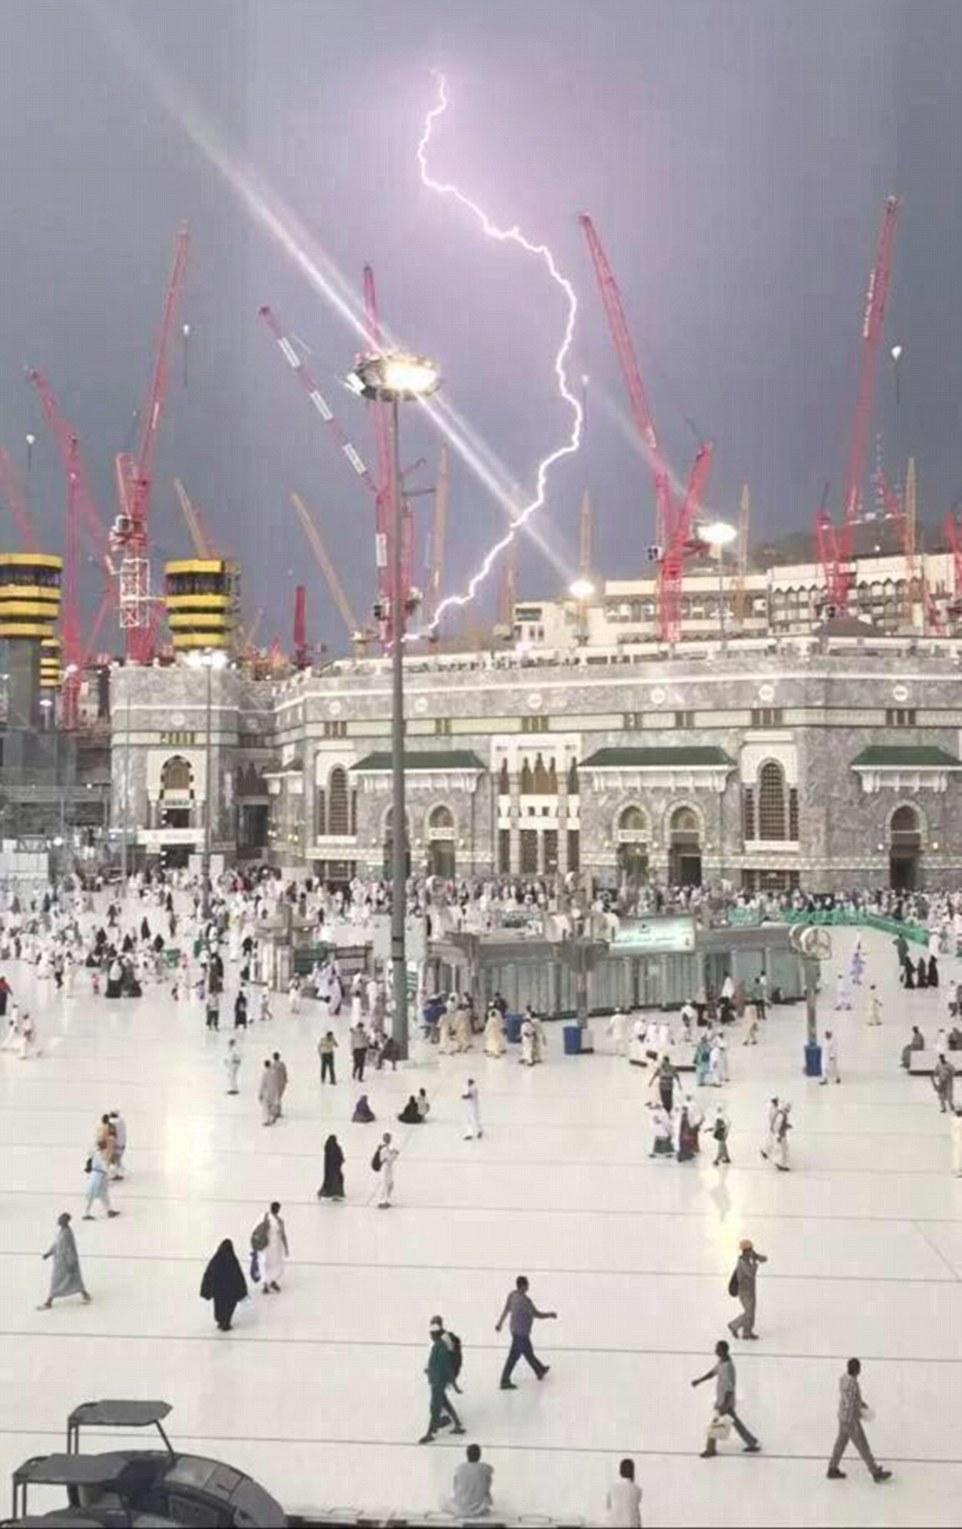 الدفاع المدني السعودي: 65 قتيلاً في حادث رافعة الحرم وتسجيل 154 إصابة 2C31B11700000578-3231117-A_picture_captures_the_moment_that_the_fatal_crane_was_struck_by-a-42_1441993106448